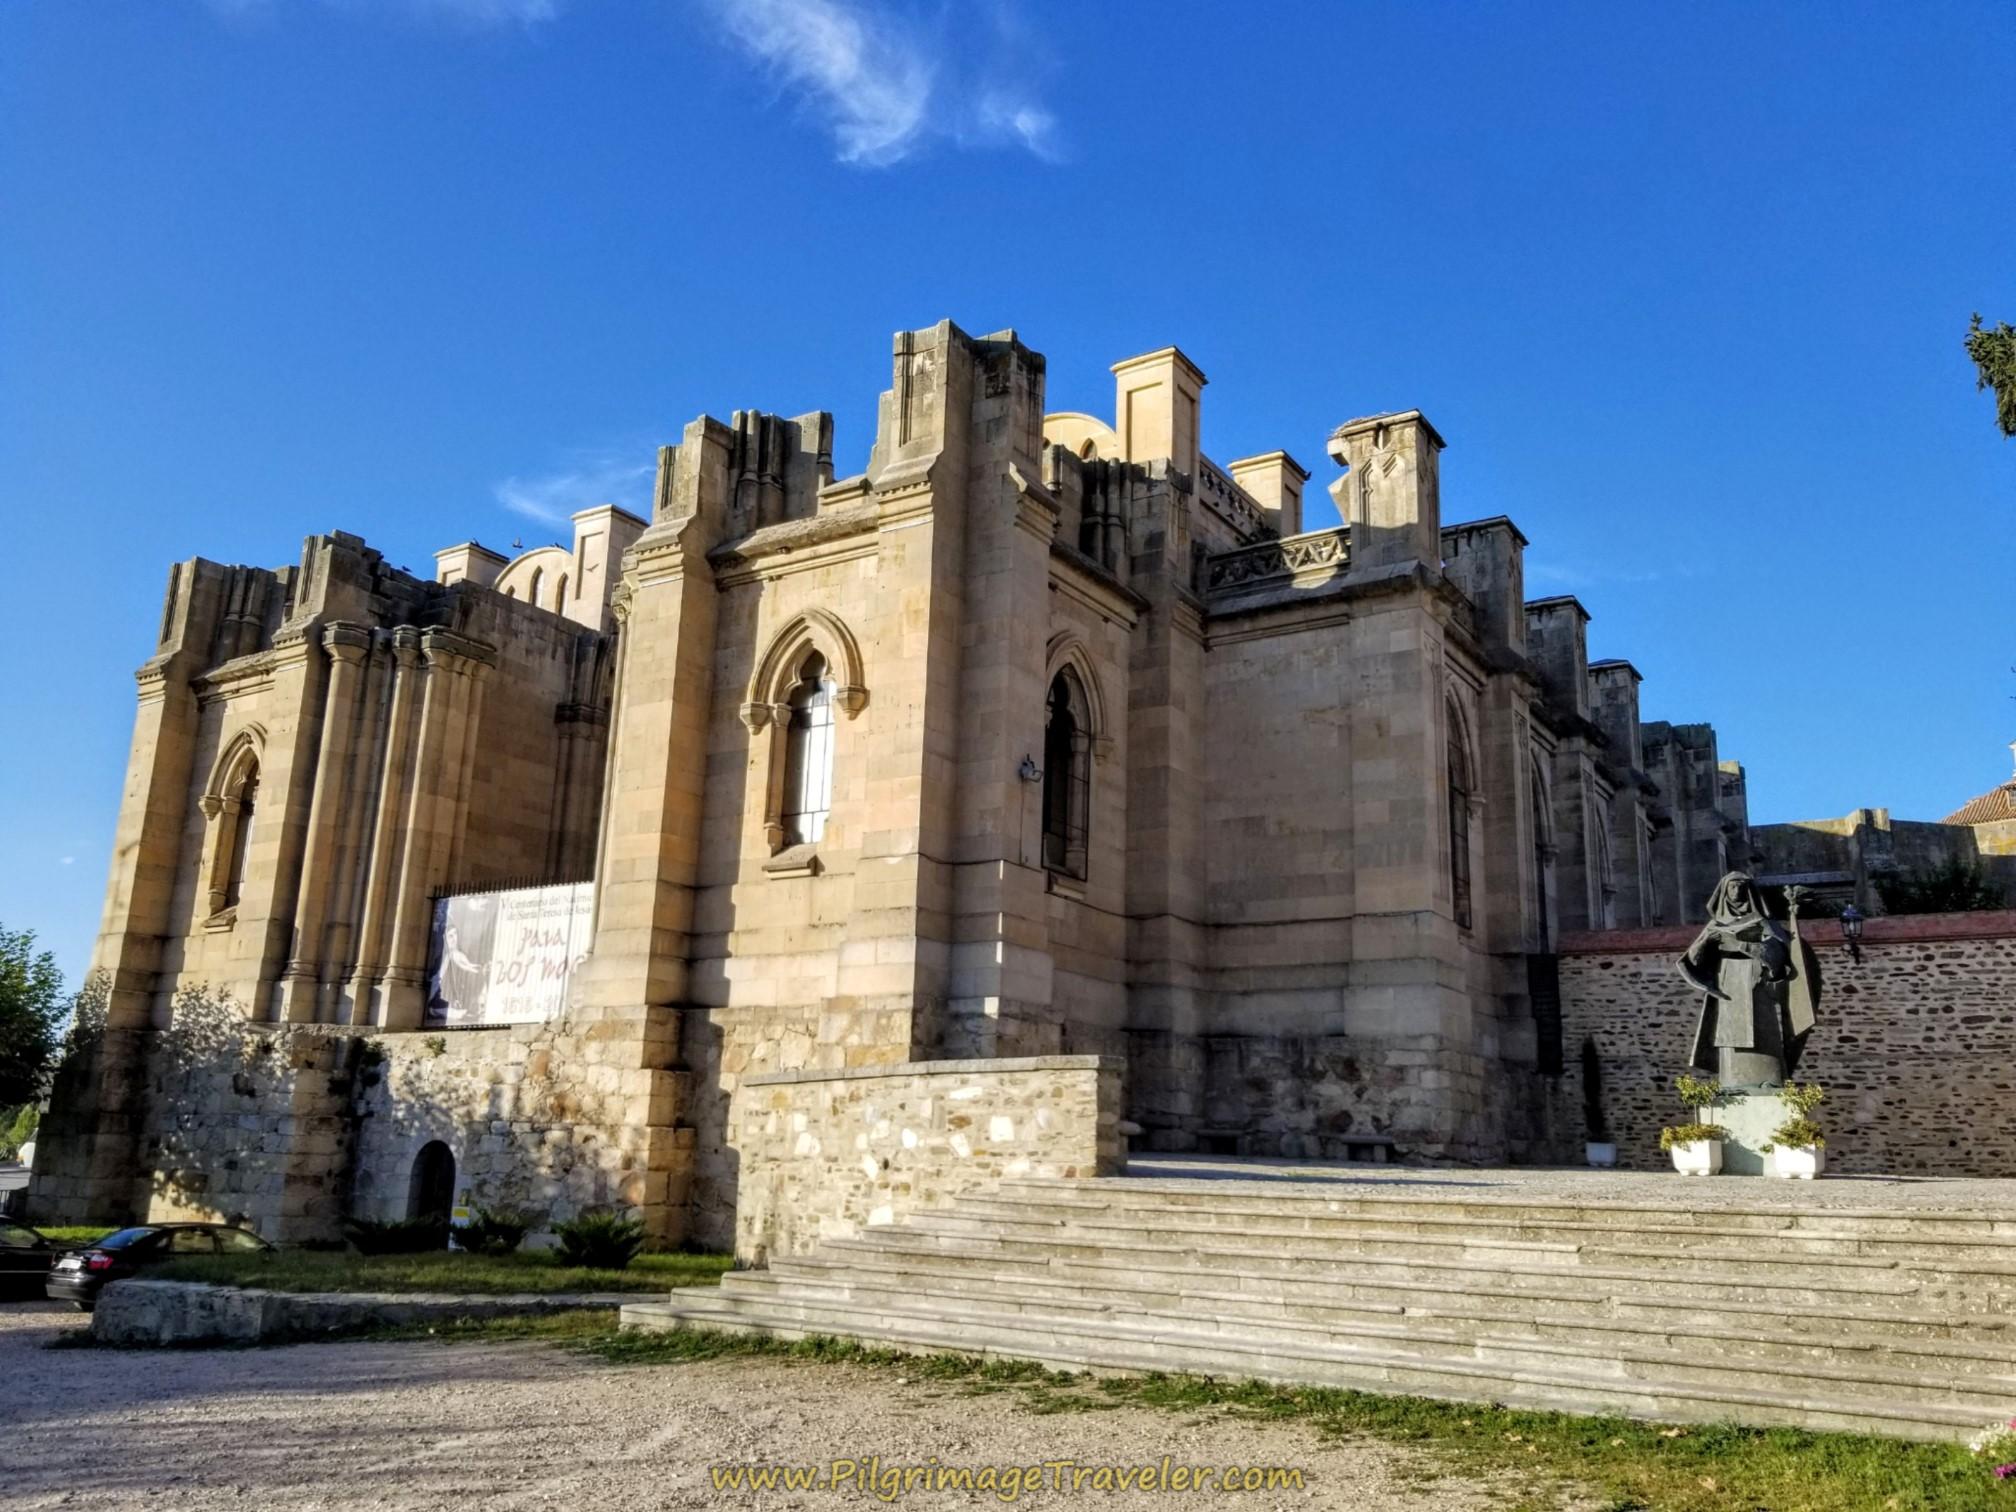 Basilica de Santa Teresa, Alba de Tormes